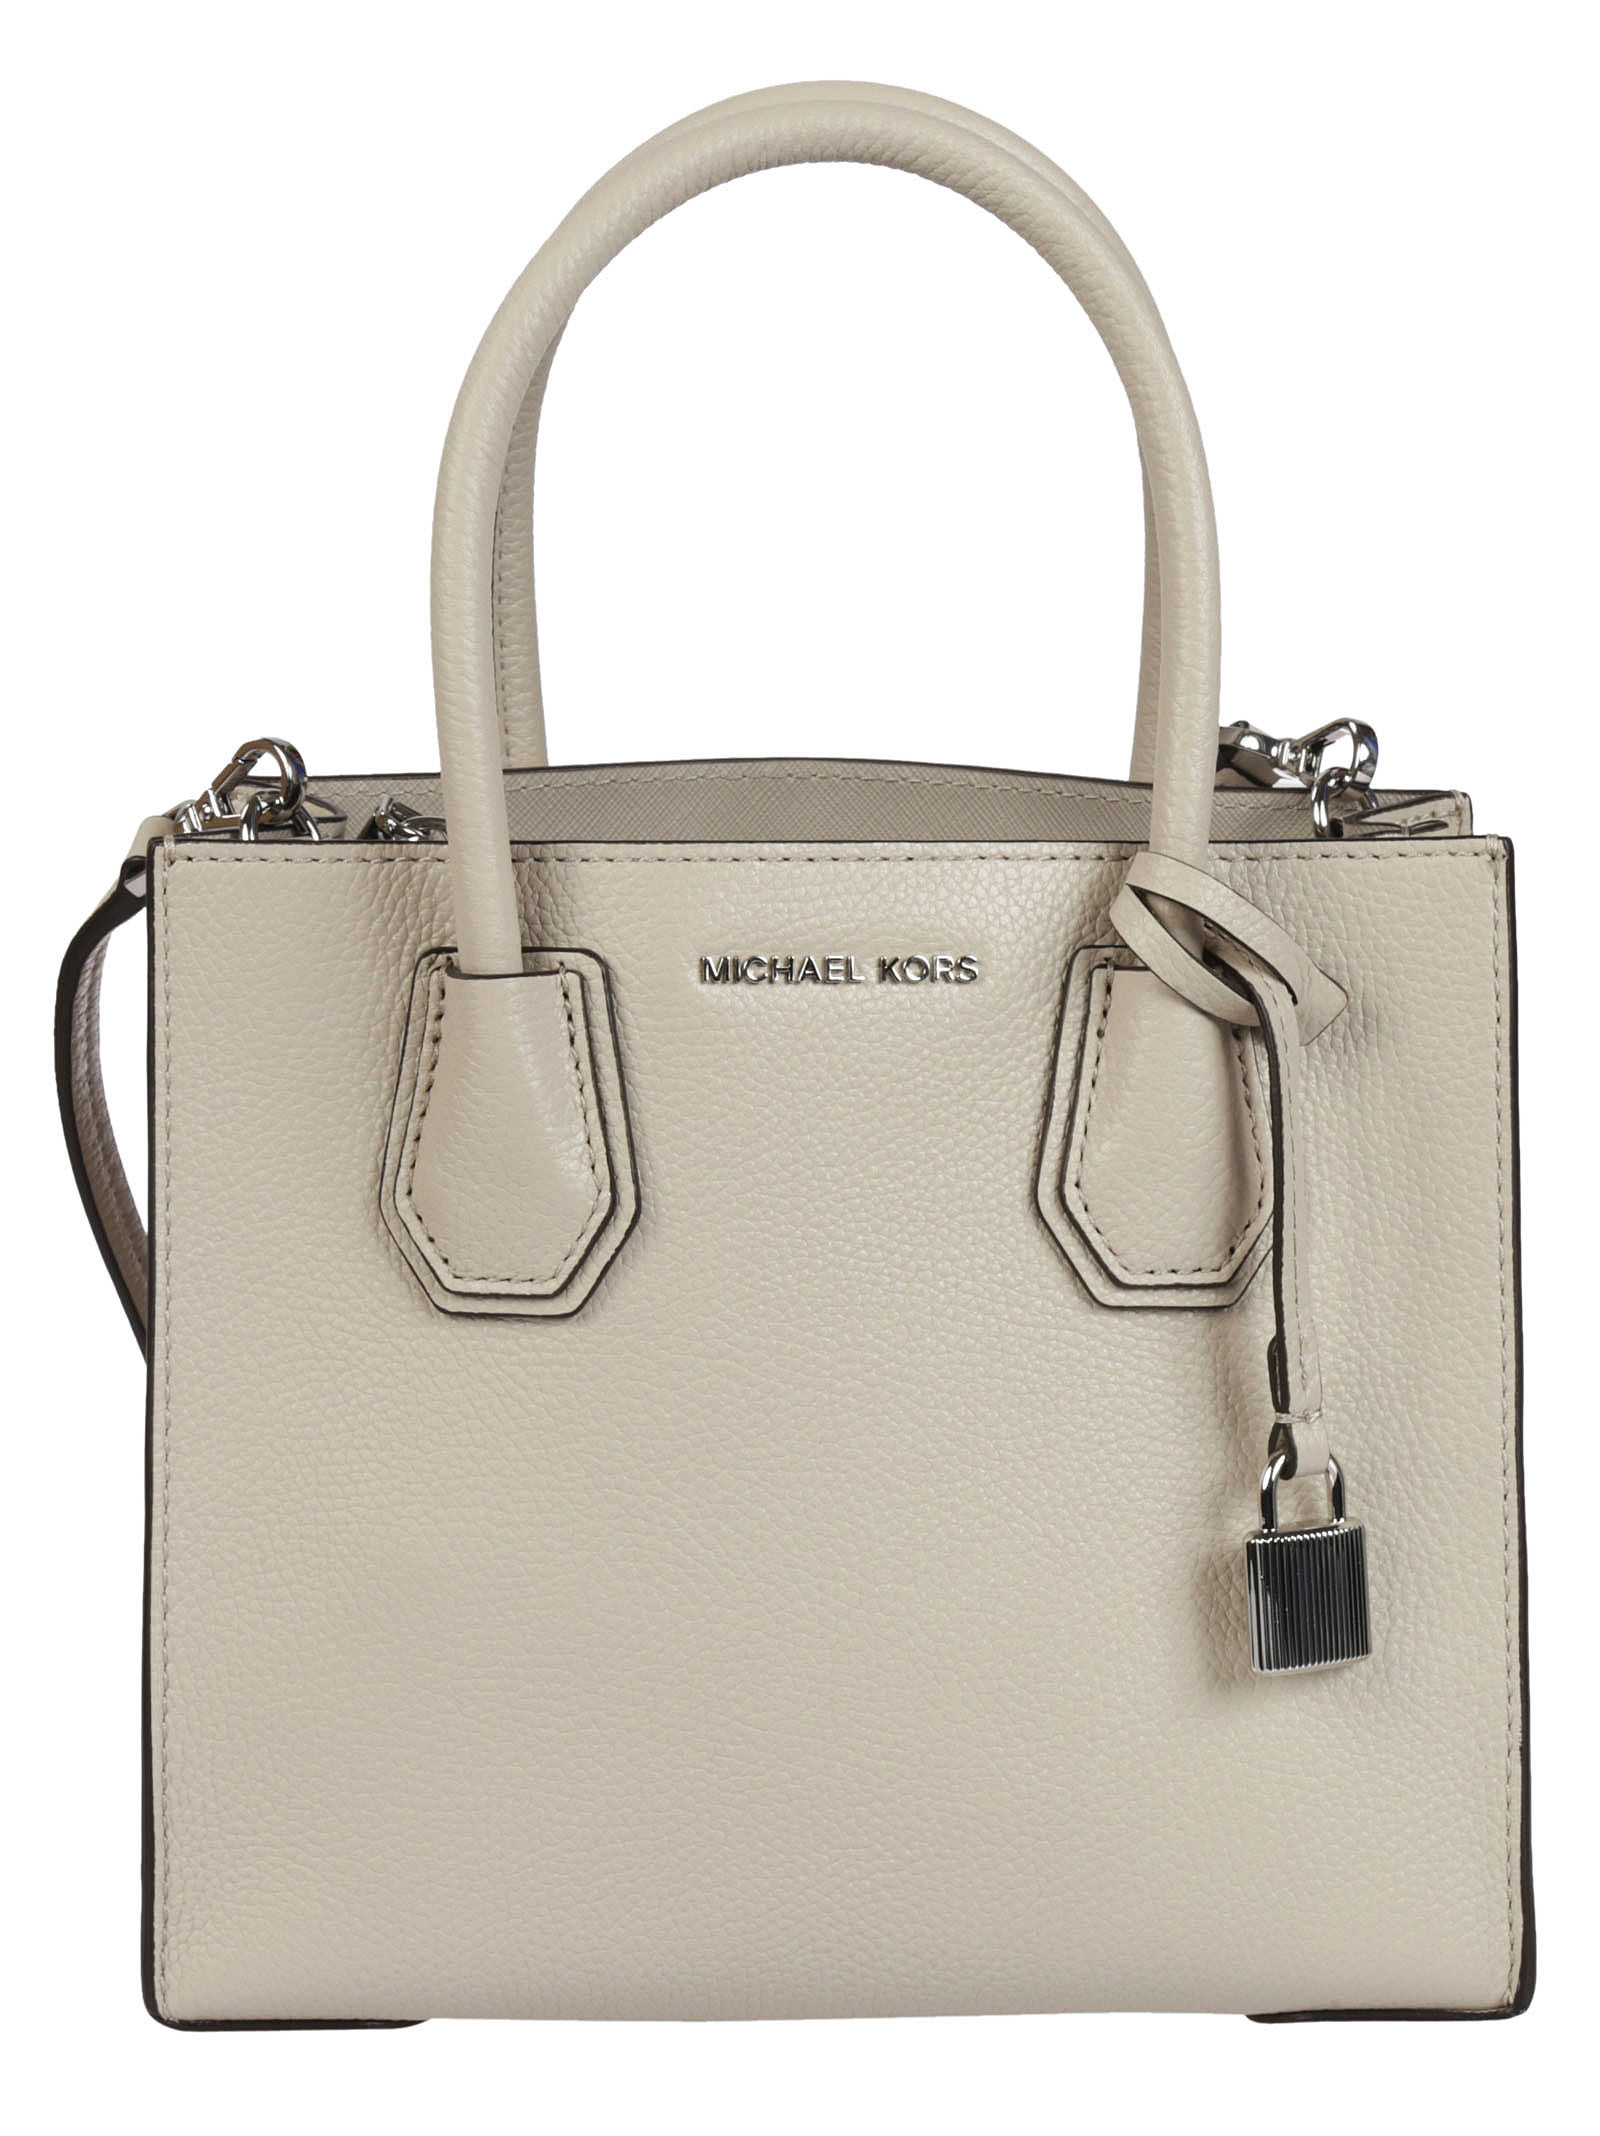 MICHAEL Michael Kors Mercer Messenger Bag